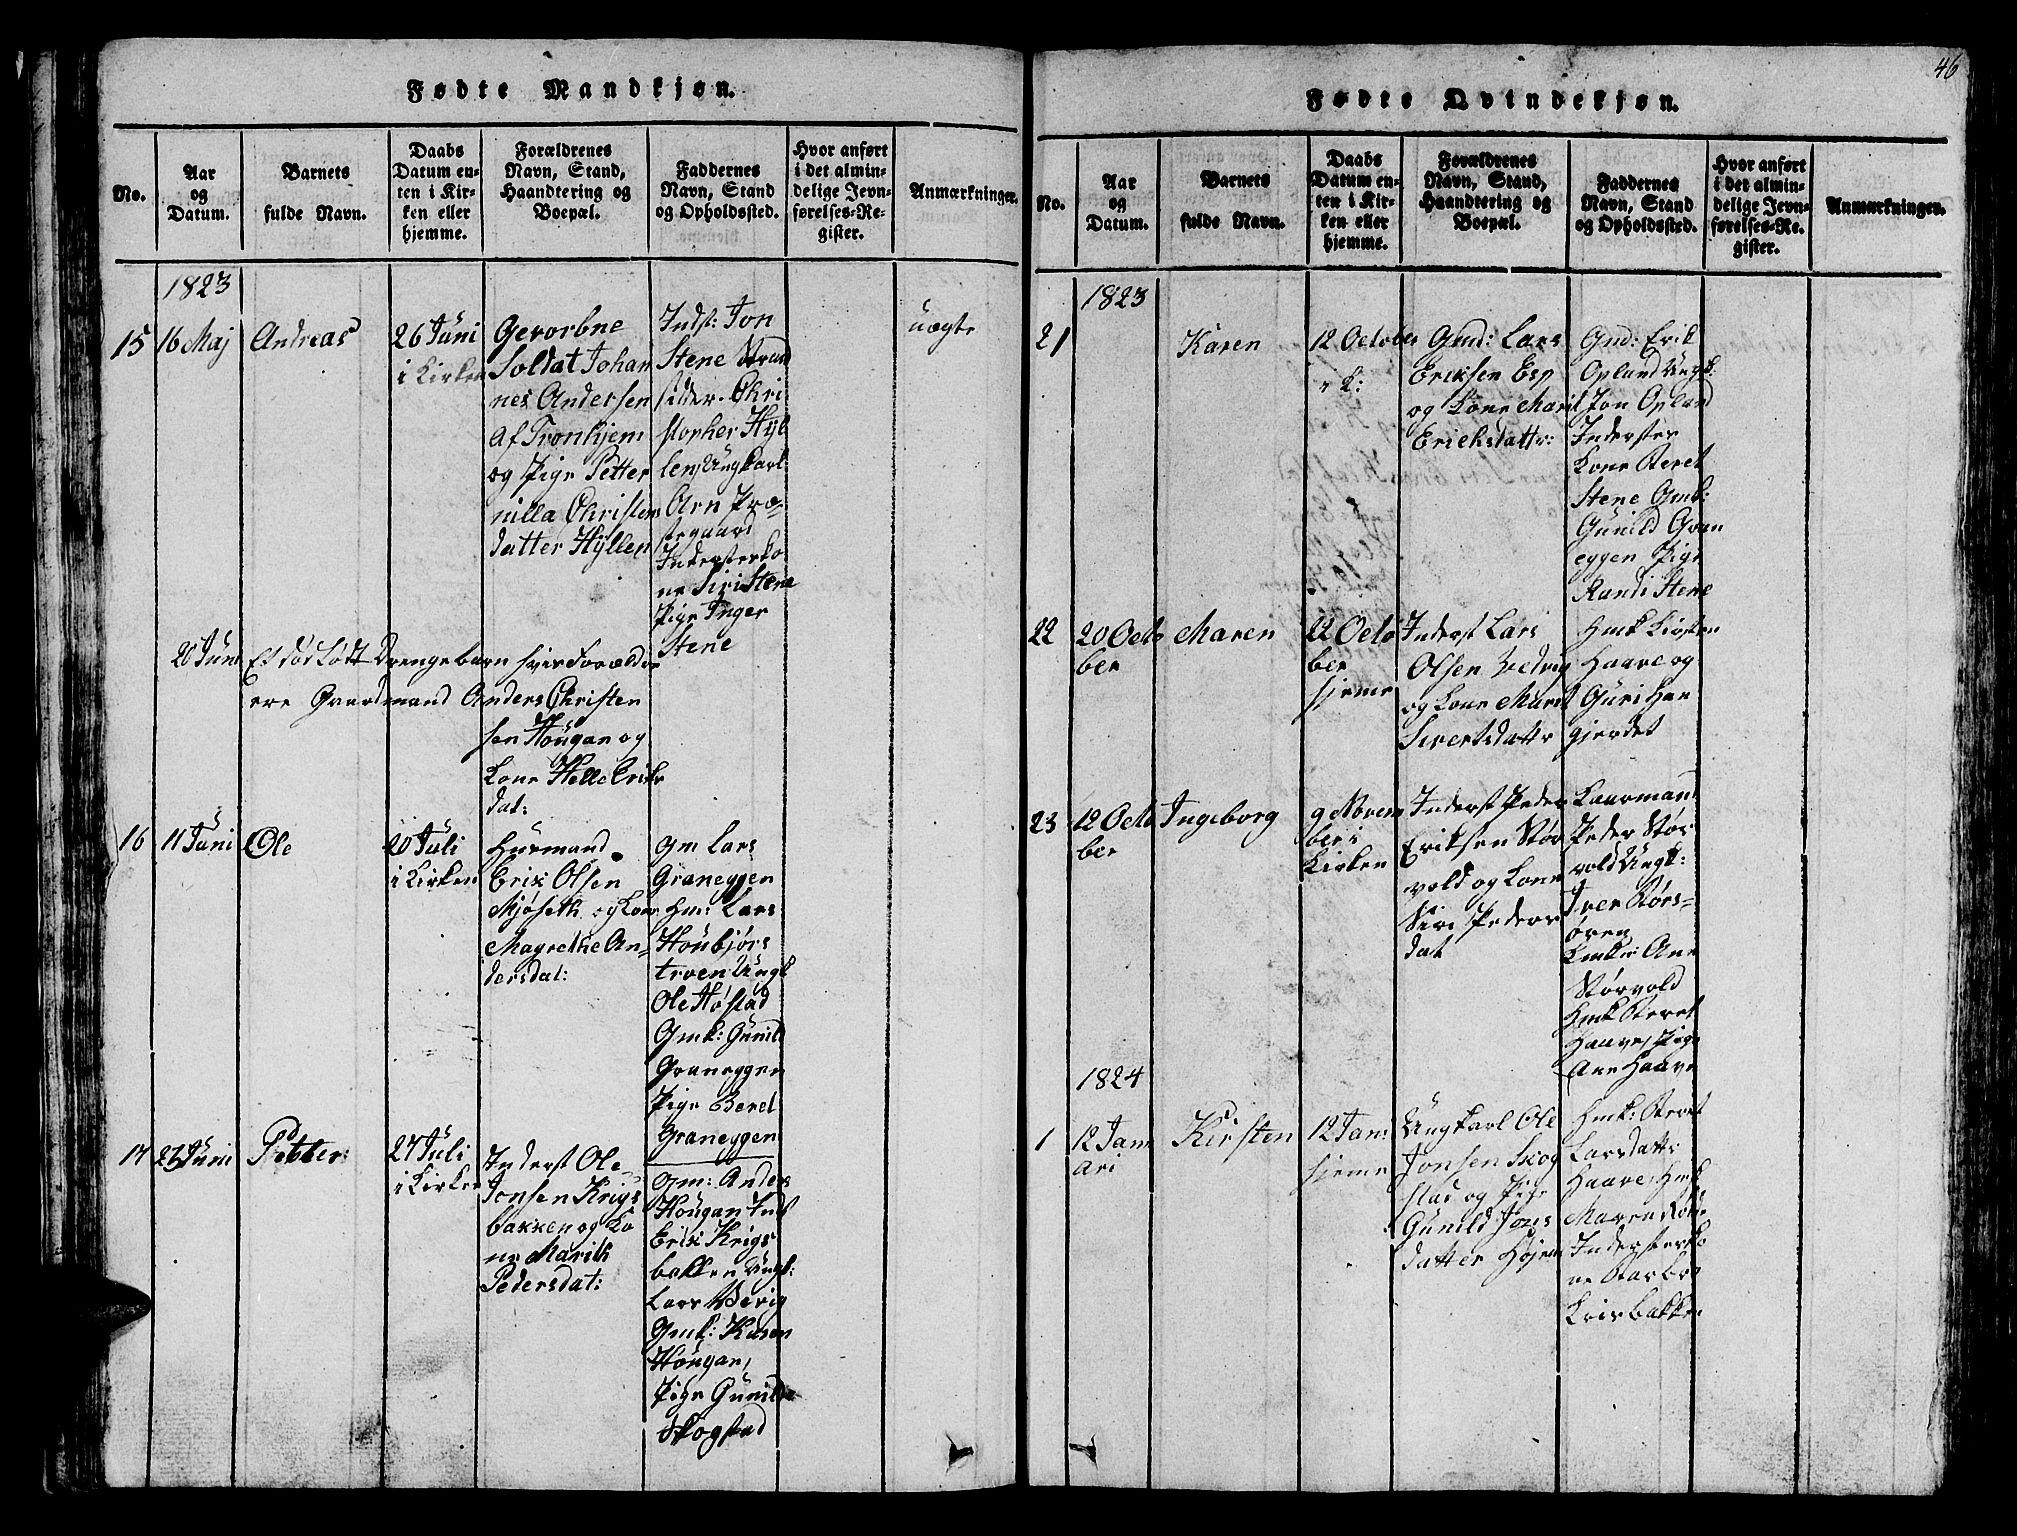 SAT, Ministerialprotokoller, klokkerbøker og fødselsregistre - Sør-Trøndelag, 612/L0385: Klokkerbok nr. 612C01, 1816-1845, s. 46